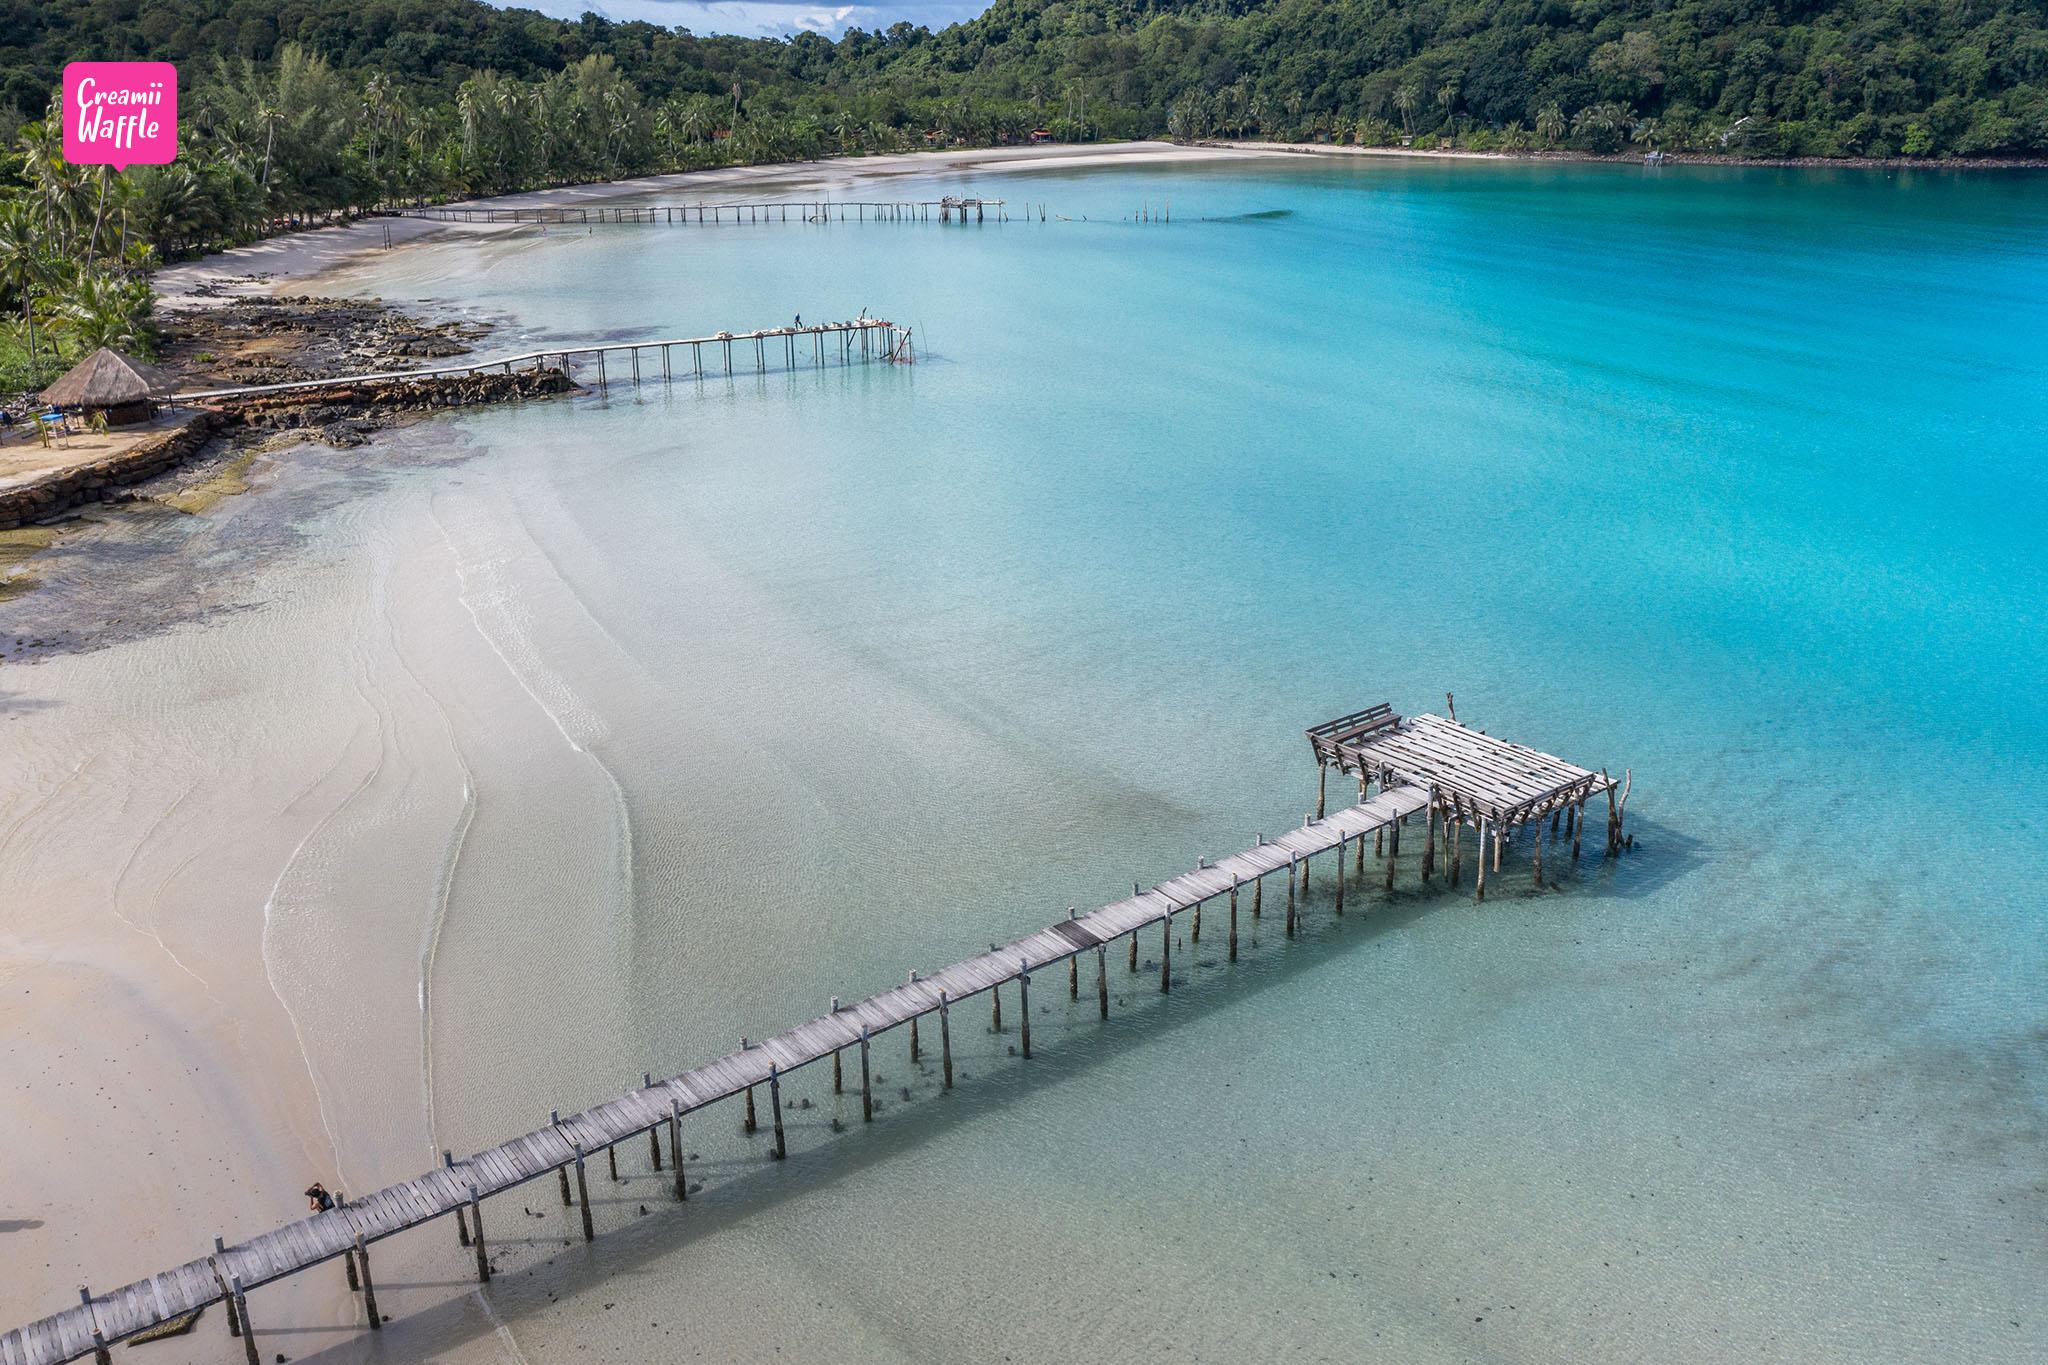 เกาะกูด รีสอร์ท koh kood resort